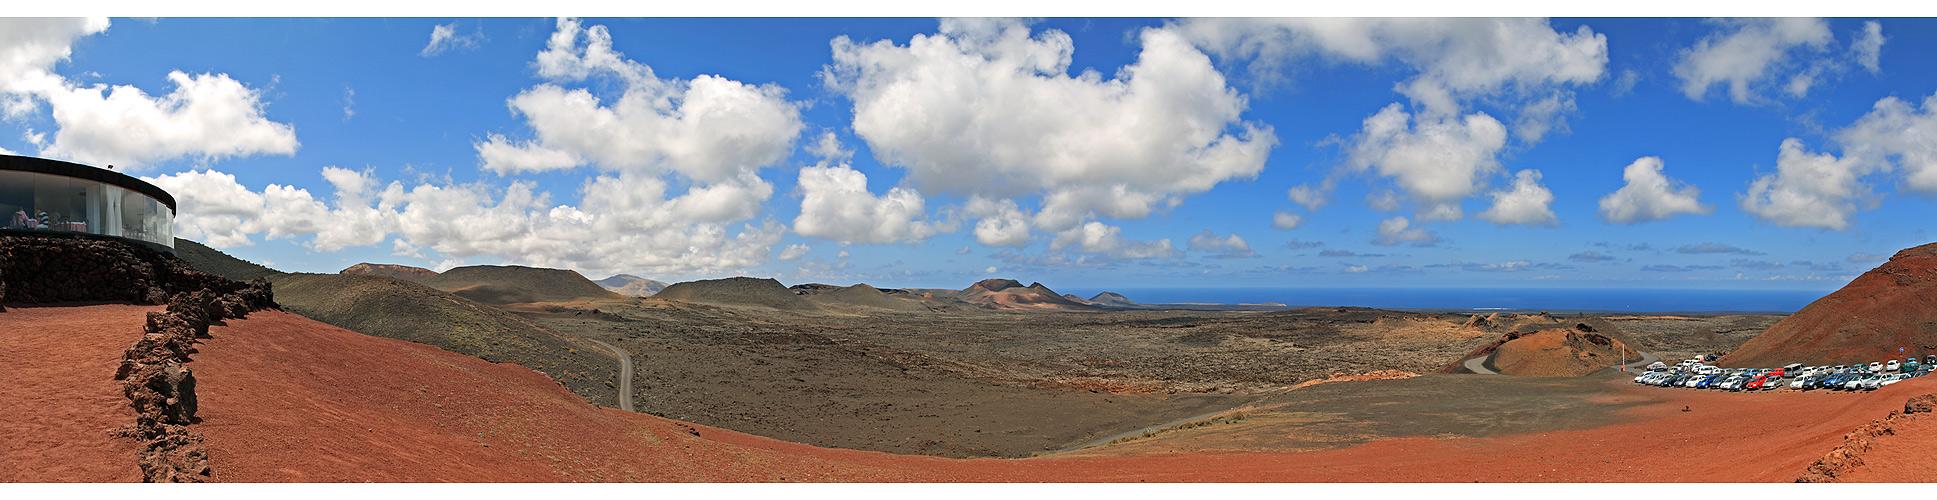 - Parque Nacional de Timanfaya -